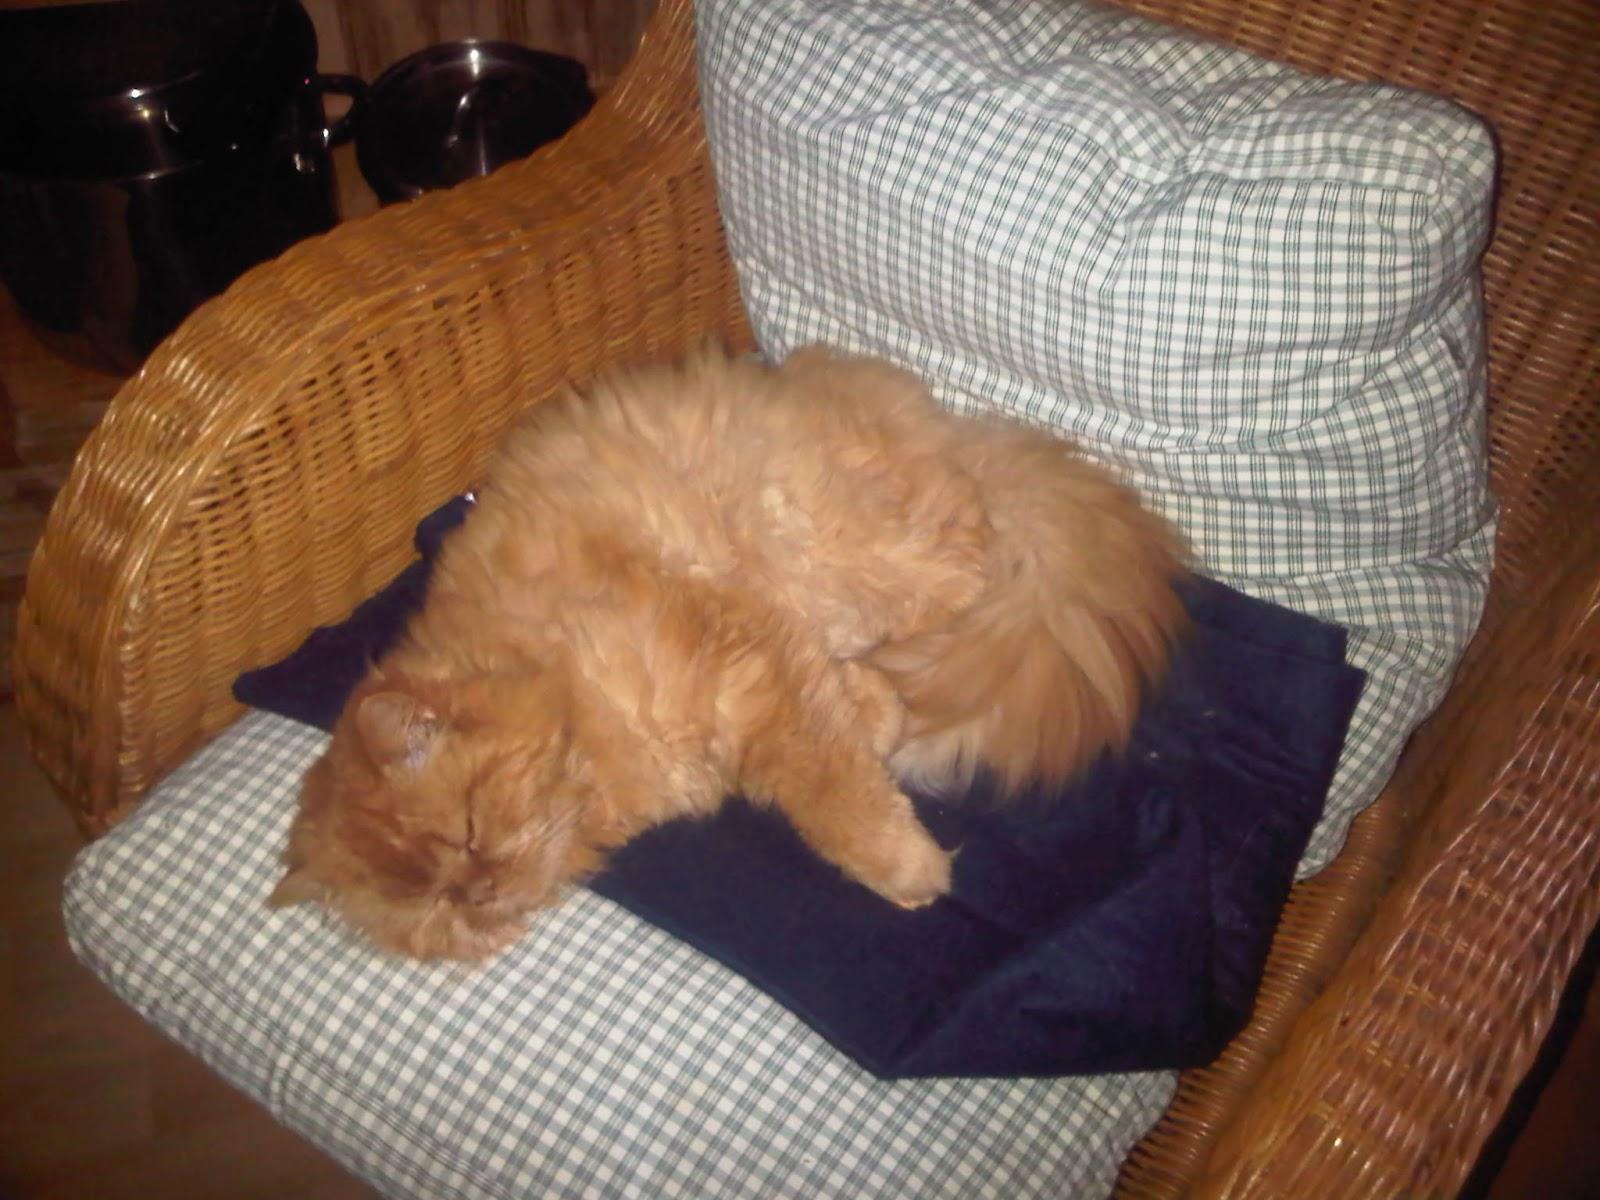 Schlafender Perserkater auf dem Rattan-Sessel, eingerollt auf kariertem Kissen.